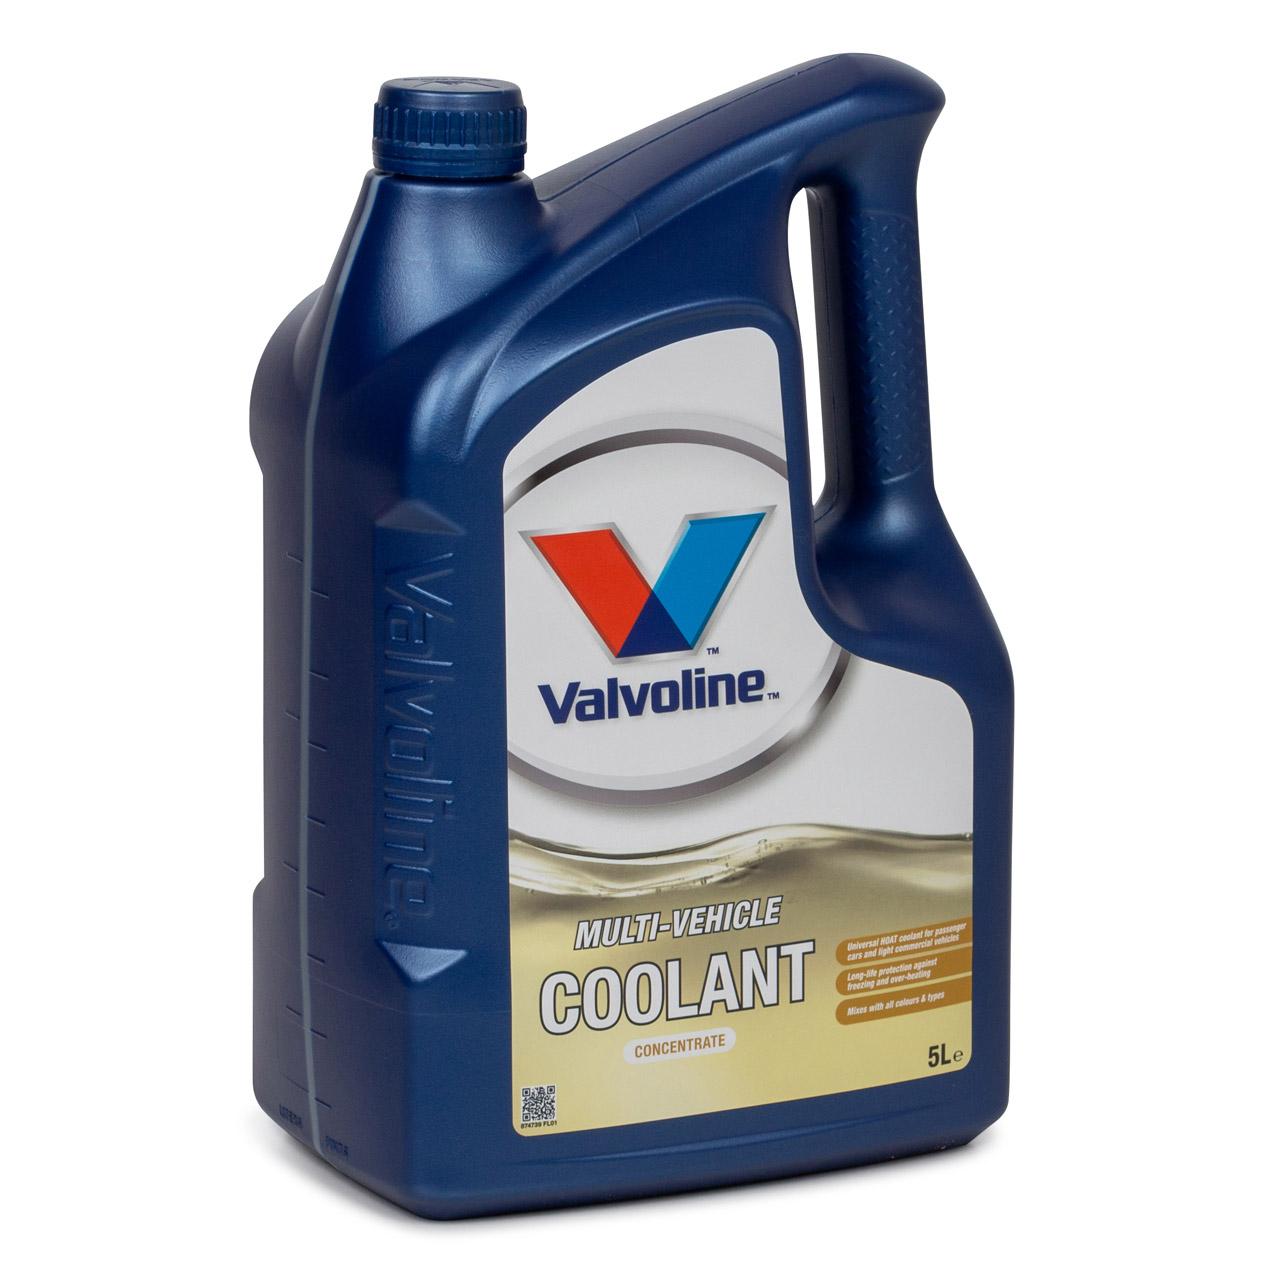 VALVOLINE Frostschutz MULTI-VEHICLE COOLANT Konzentrat - 5L 5 Liter